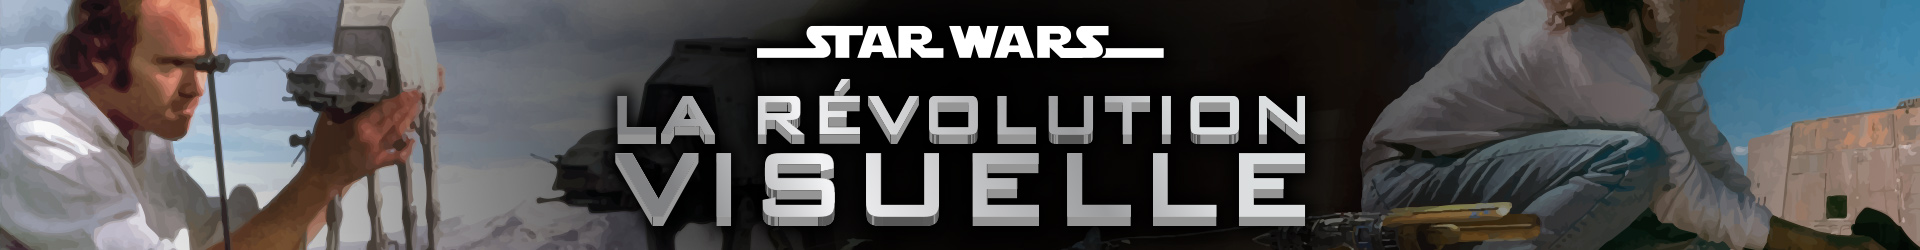 Star Wars La Révolution Visuelle - Le Documentaire Inédit et Exclusif